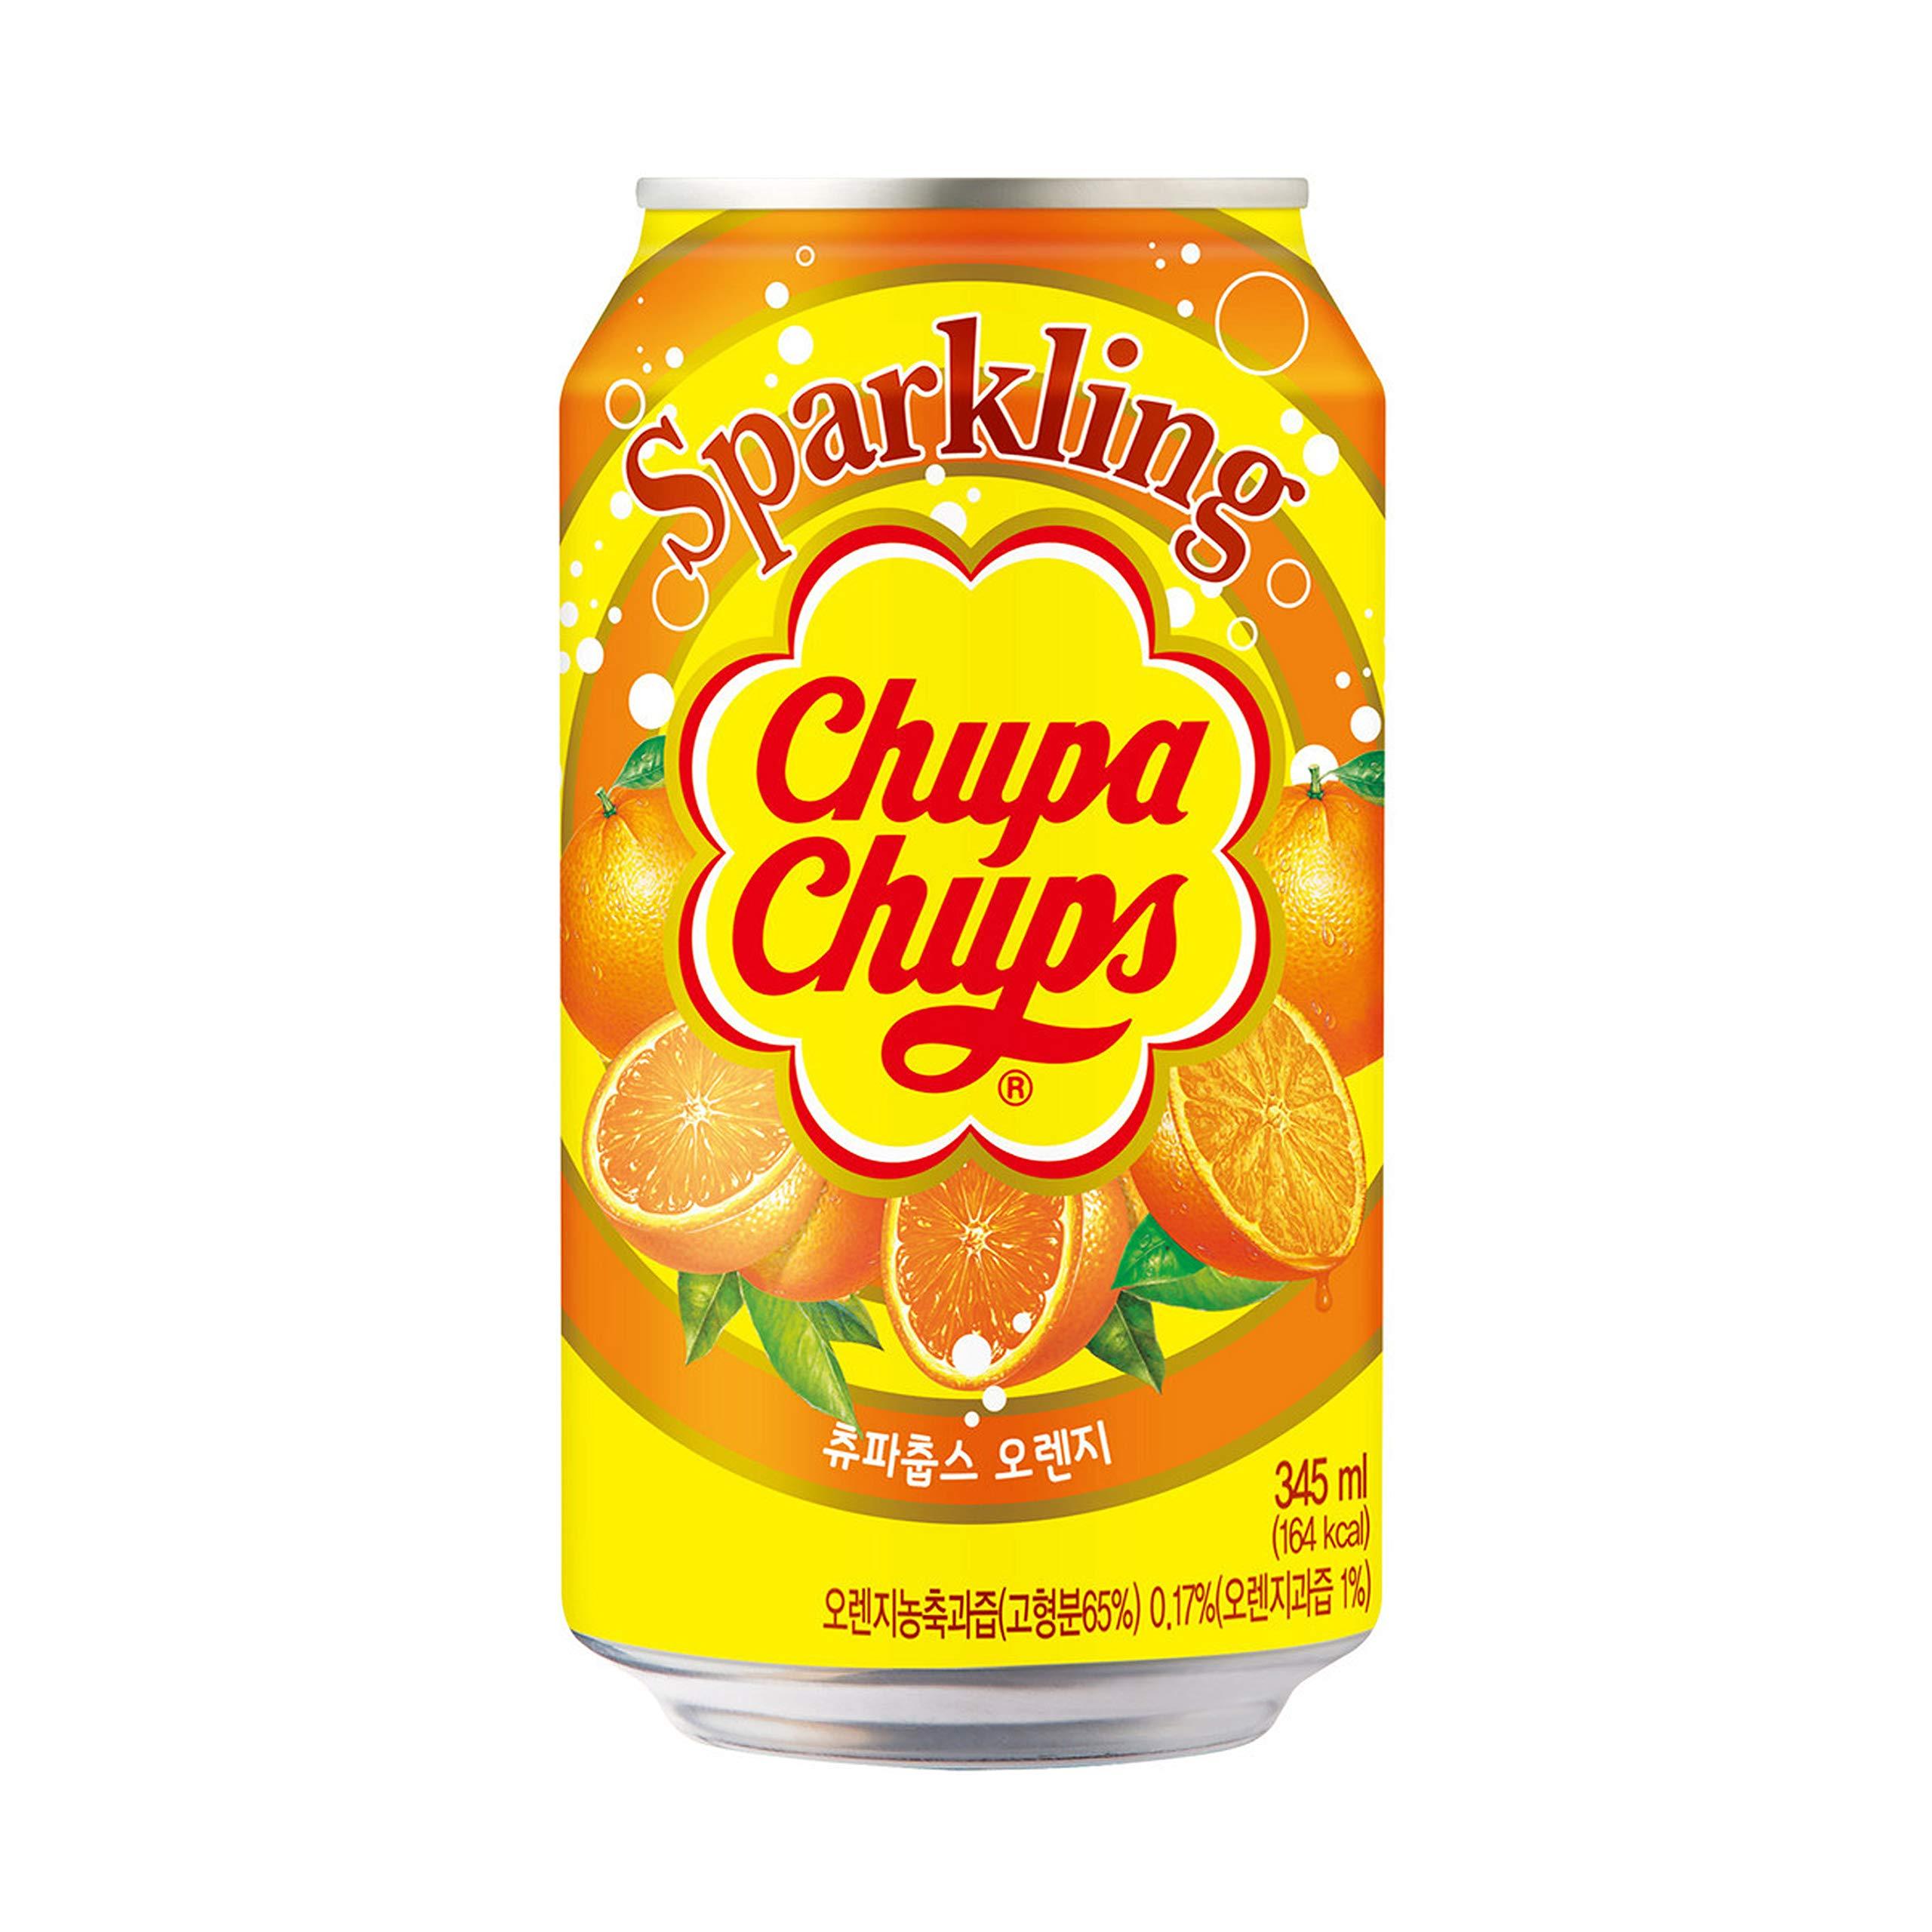 Chupa Chups Sparkling Orange - 6 Cans